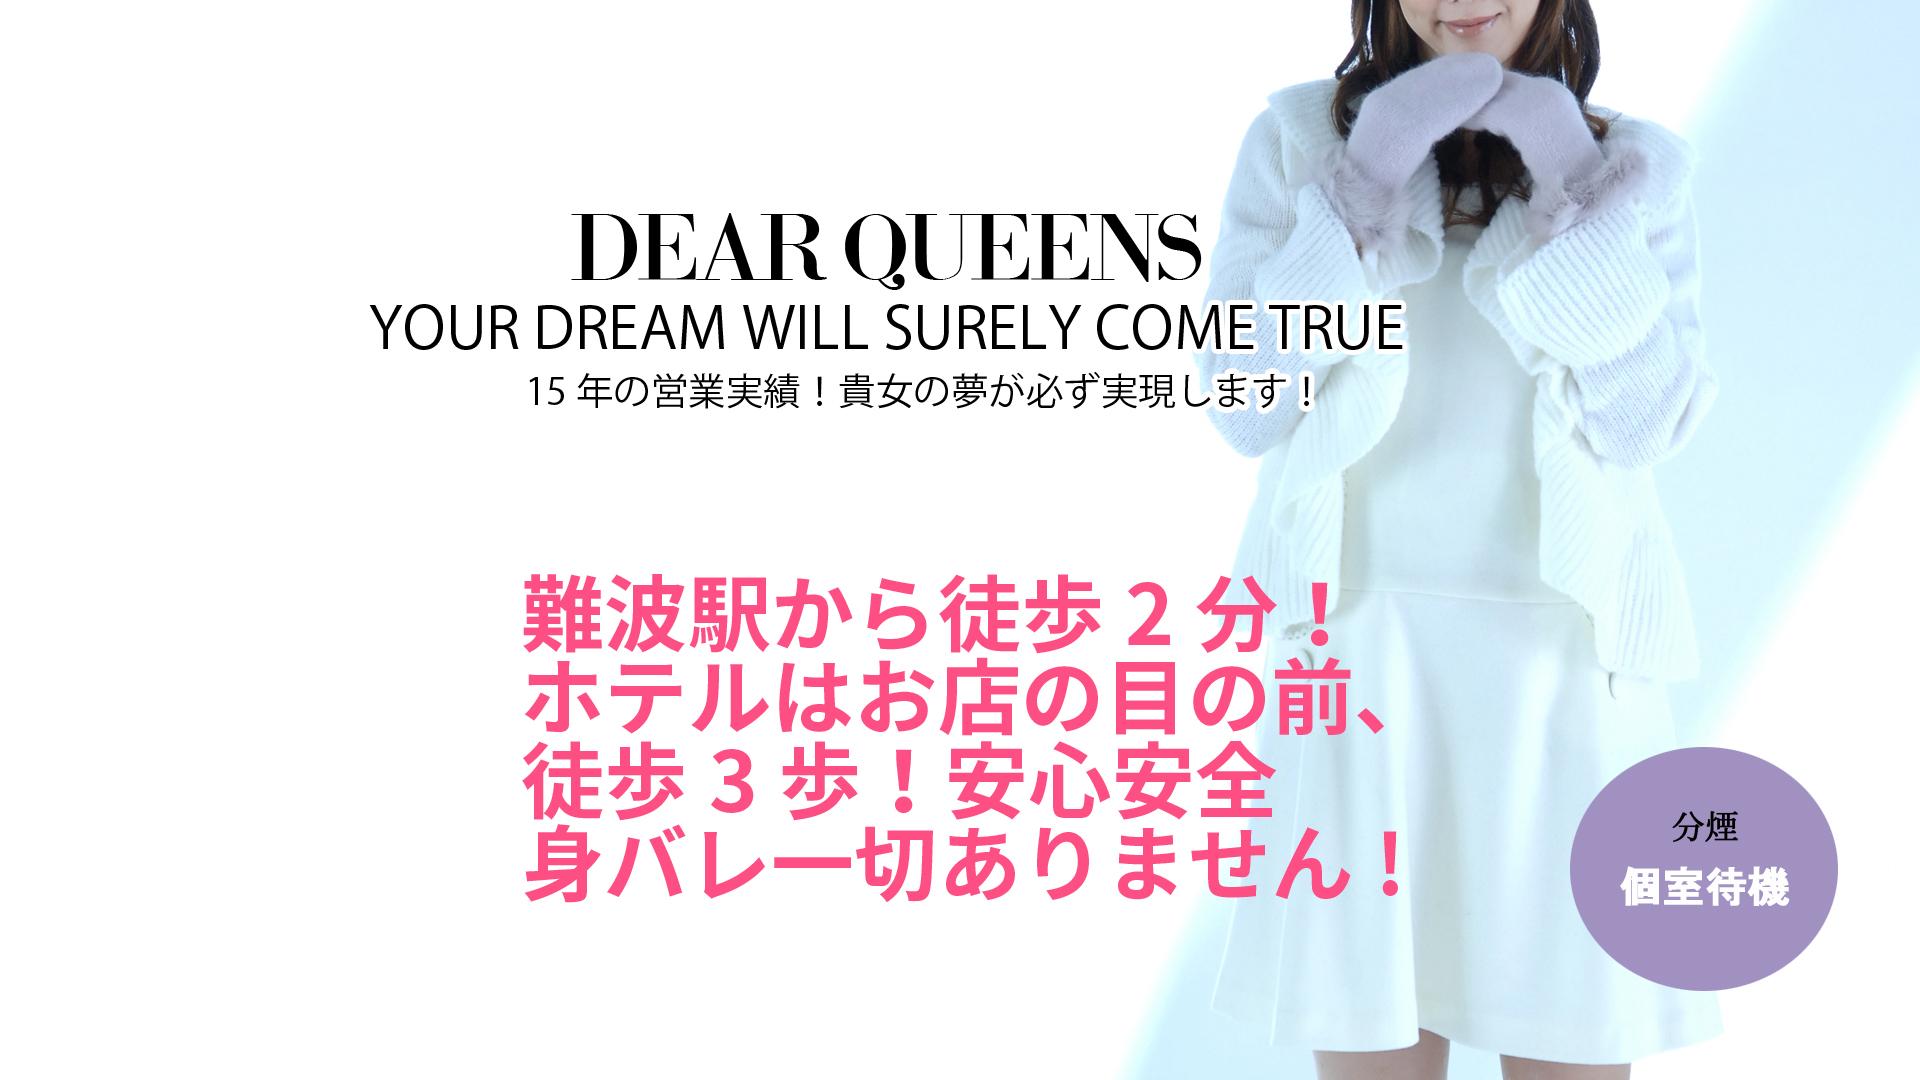 Dear Queens